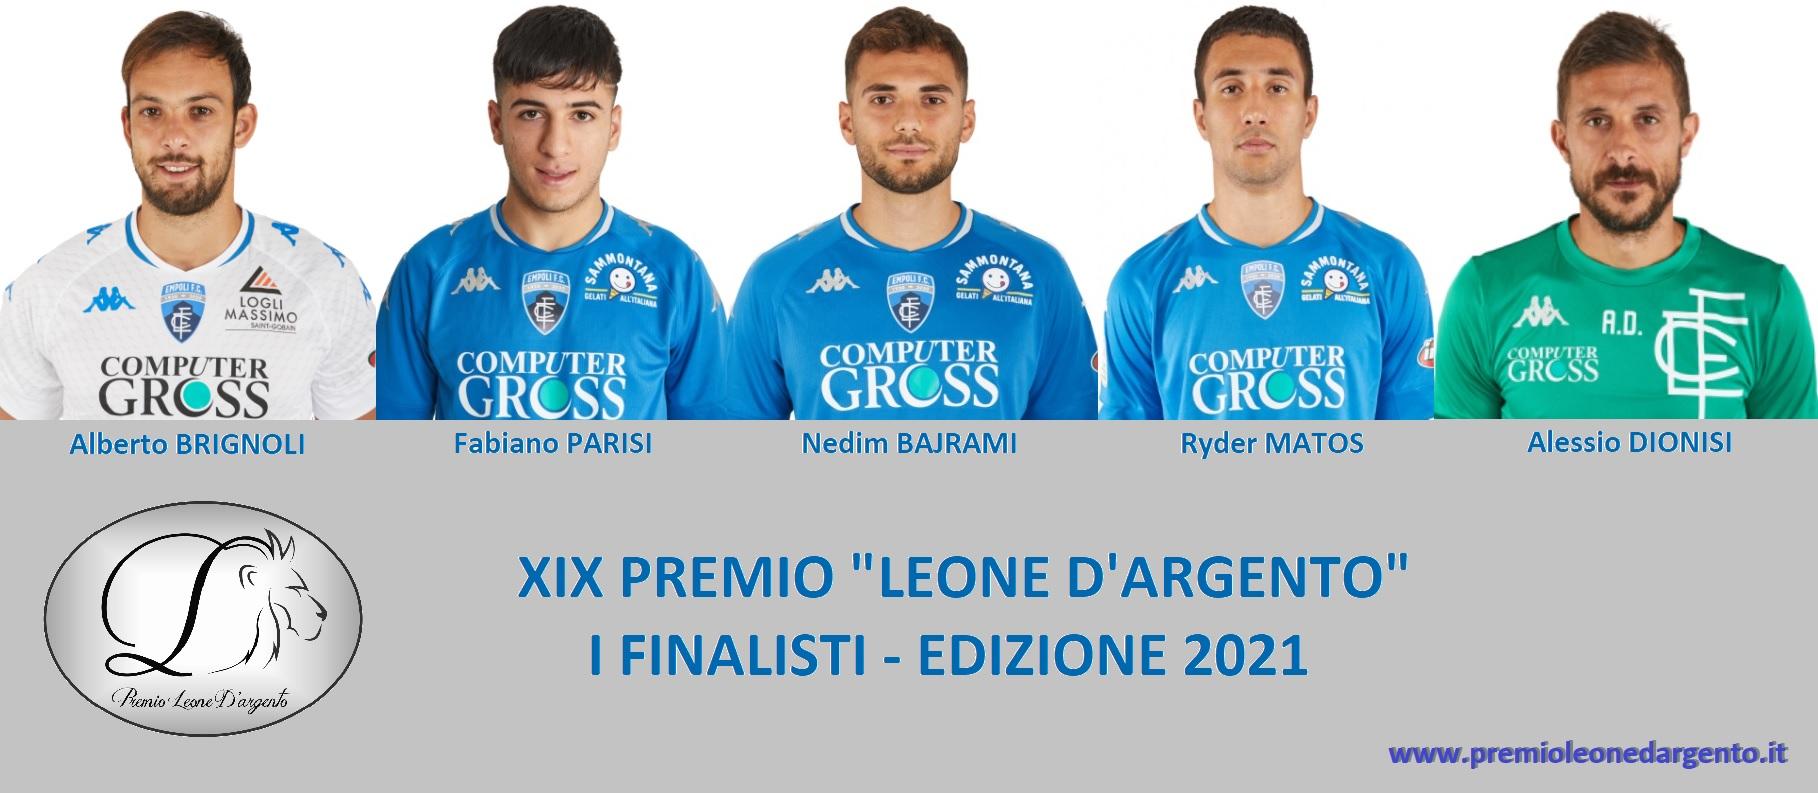 Copertina Finalisti Leone d'Argento 2021